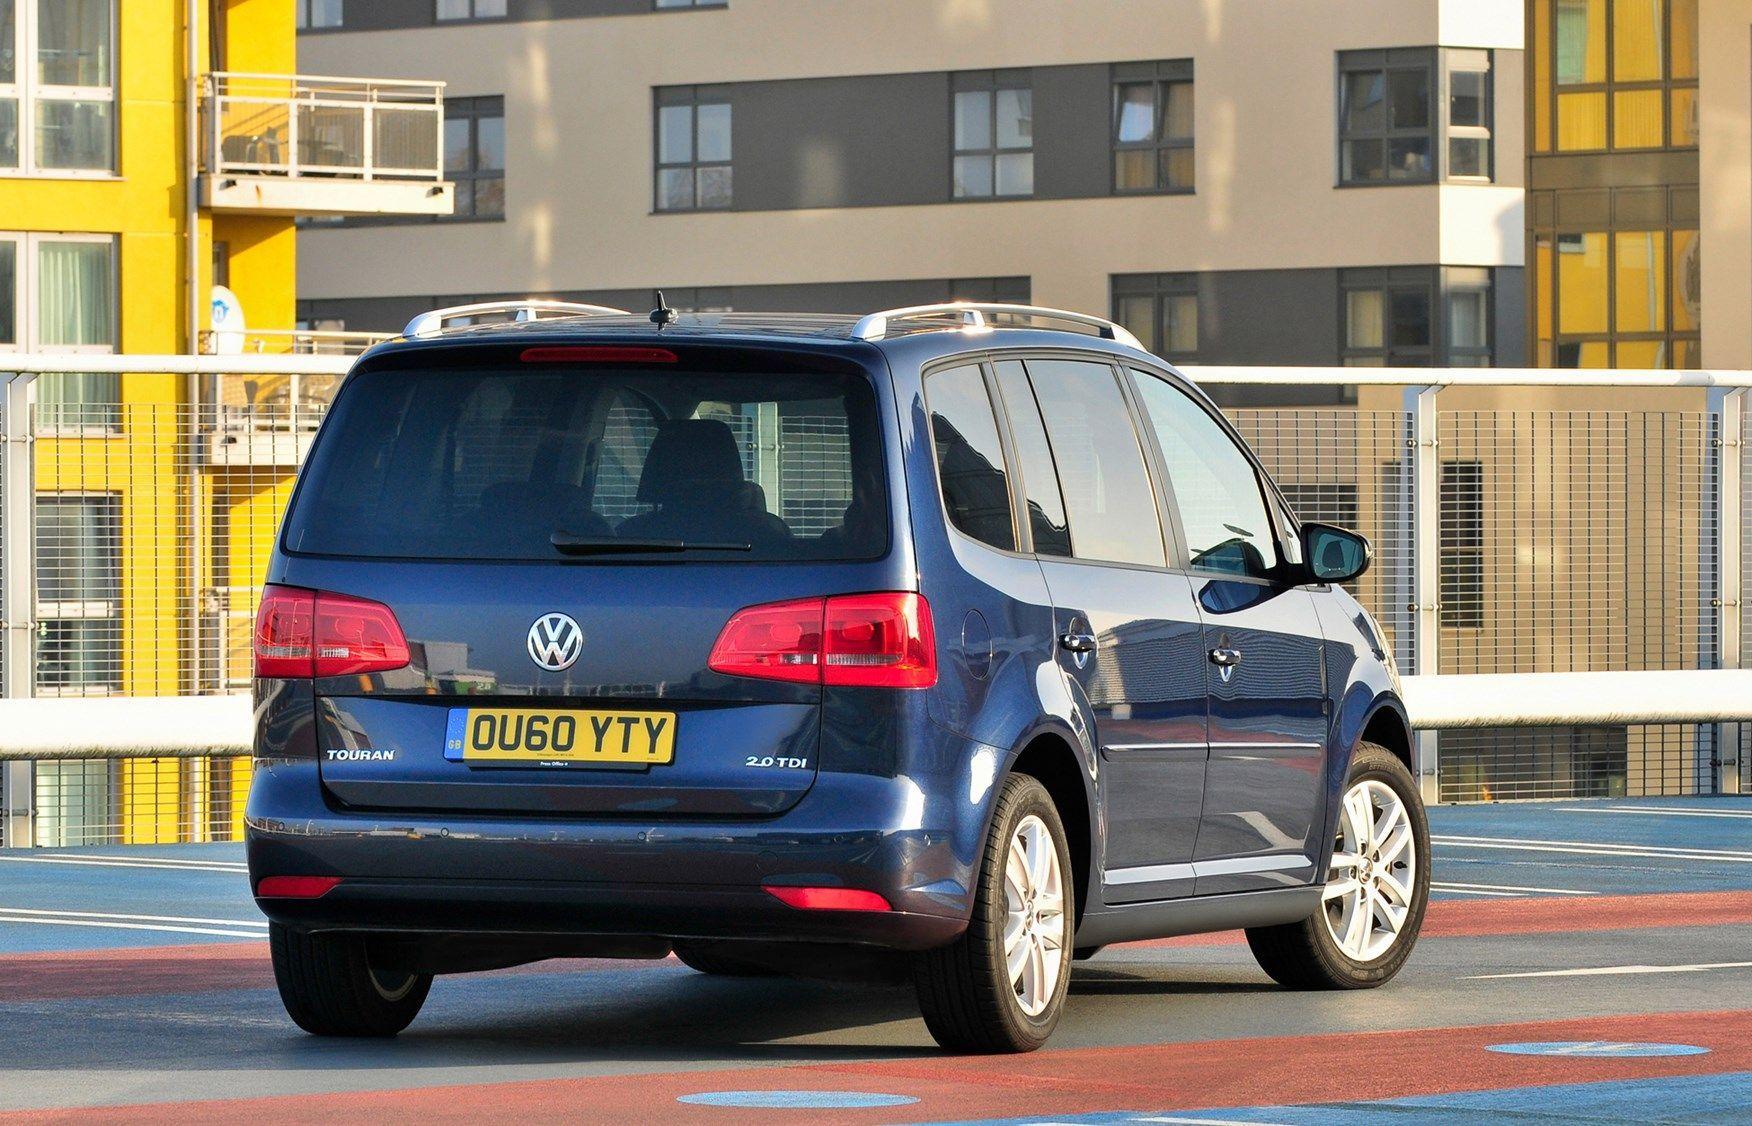 Volkswagentouran Volkswagen Touran Volkswagen Suv Car